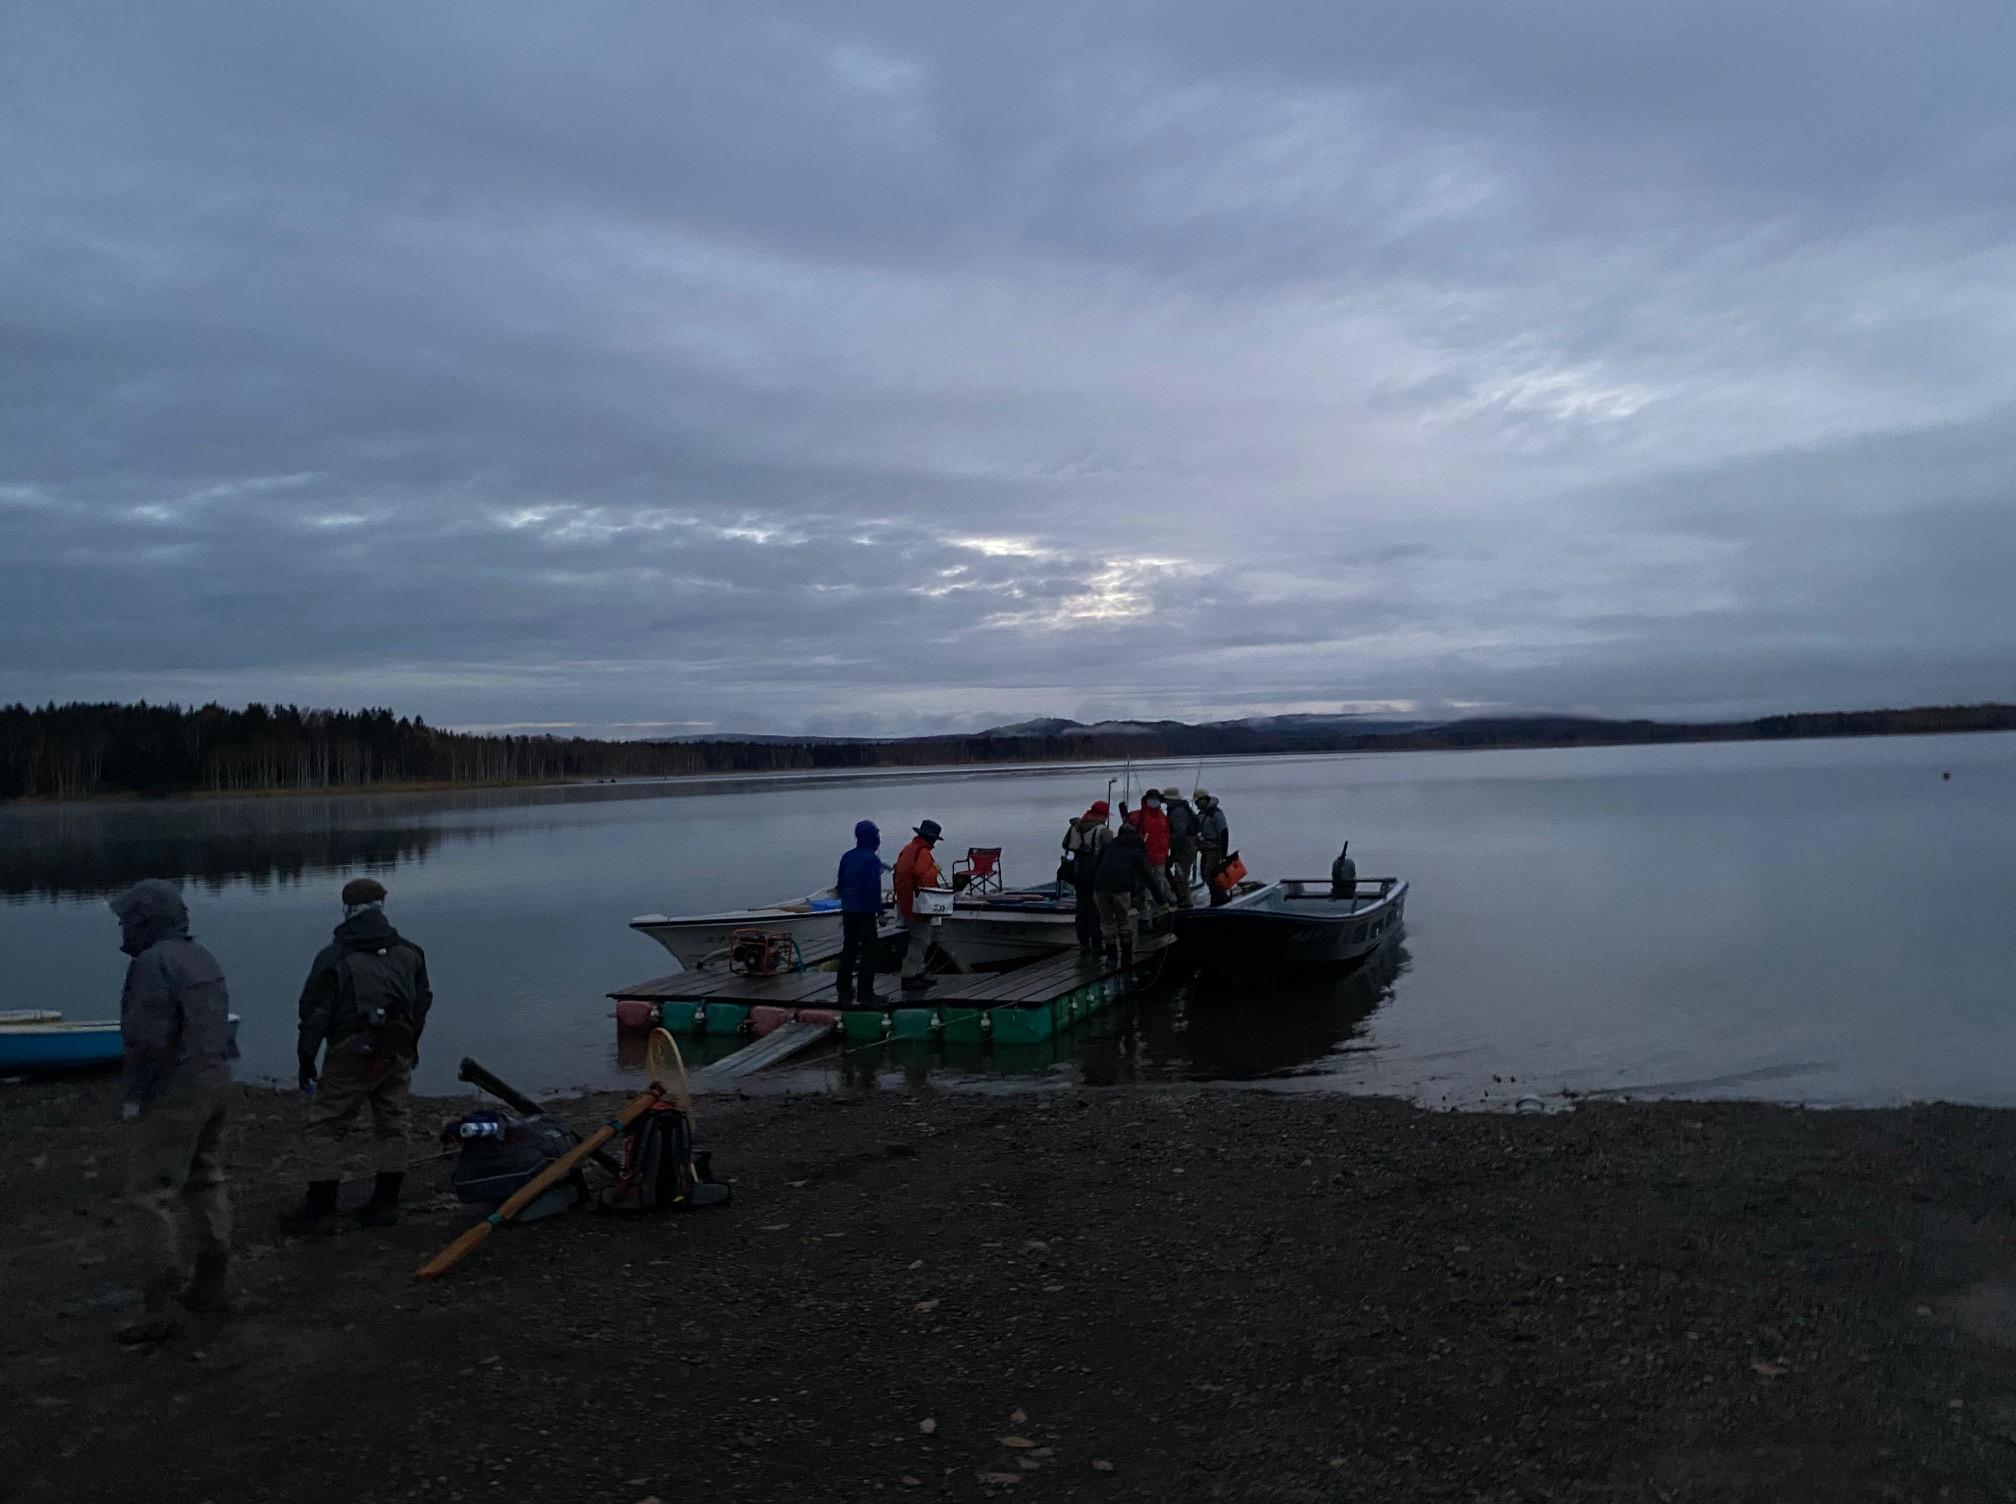 夜明けの朱鞠内湖